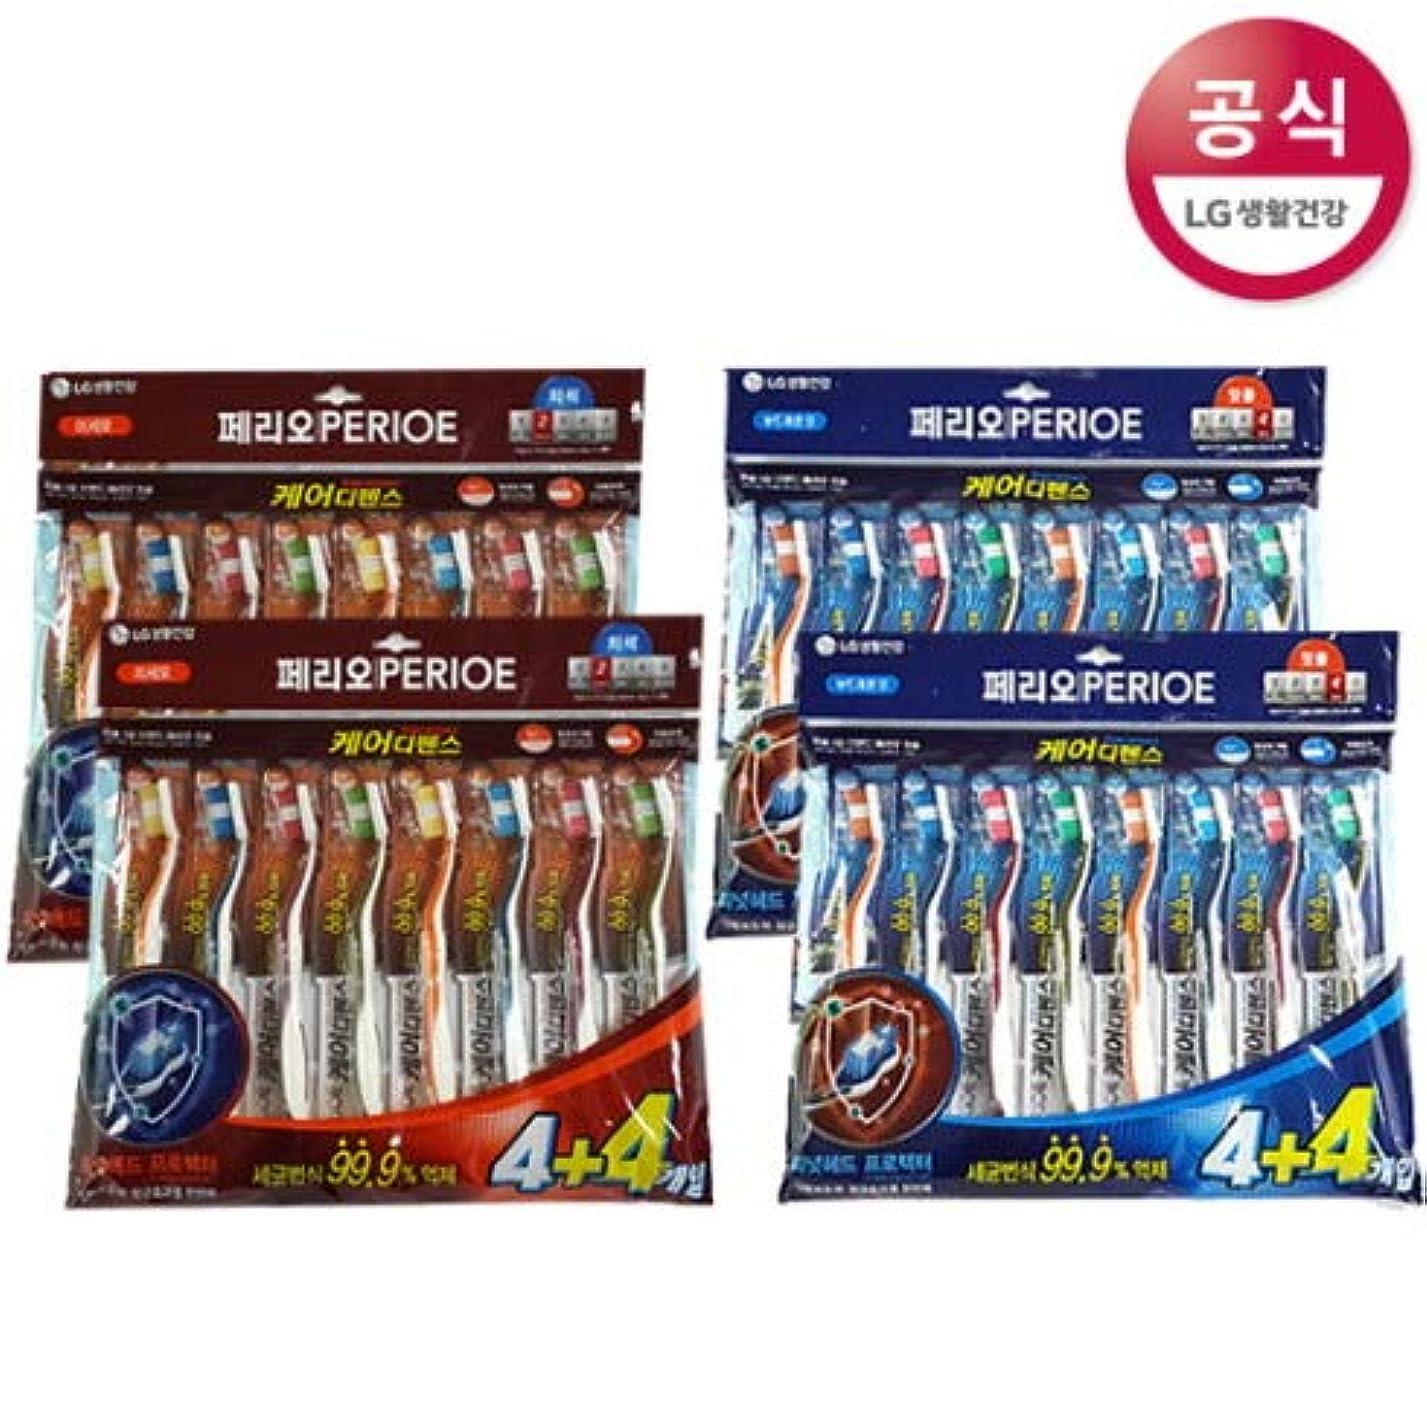 脱臼する大通り検出する[LG HnB] Perio Care Defense Toothbrush/ペリオケアディフェンス歯ブラシ 8口x4個(海外直送品)